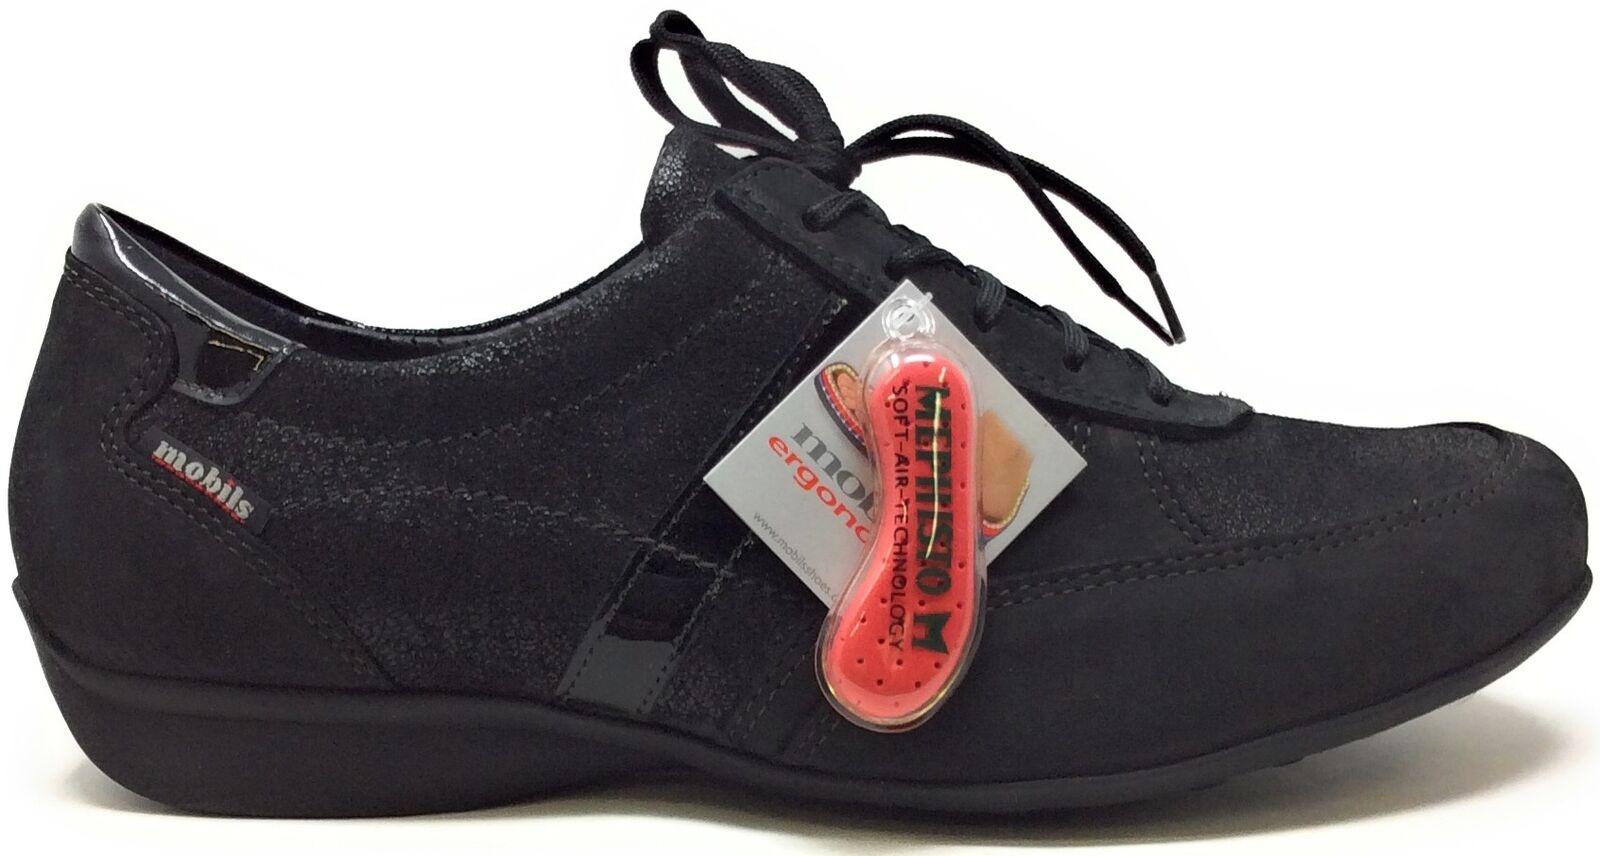 Mefisto Mobuls  donna Fedra Walking scarpe nero Buck Patent Dimensione 8 M Stati Uniti  prima qualità ai consumatori